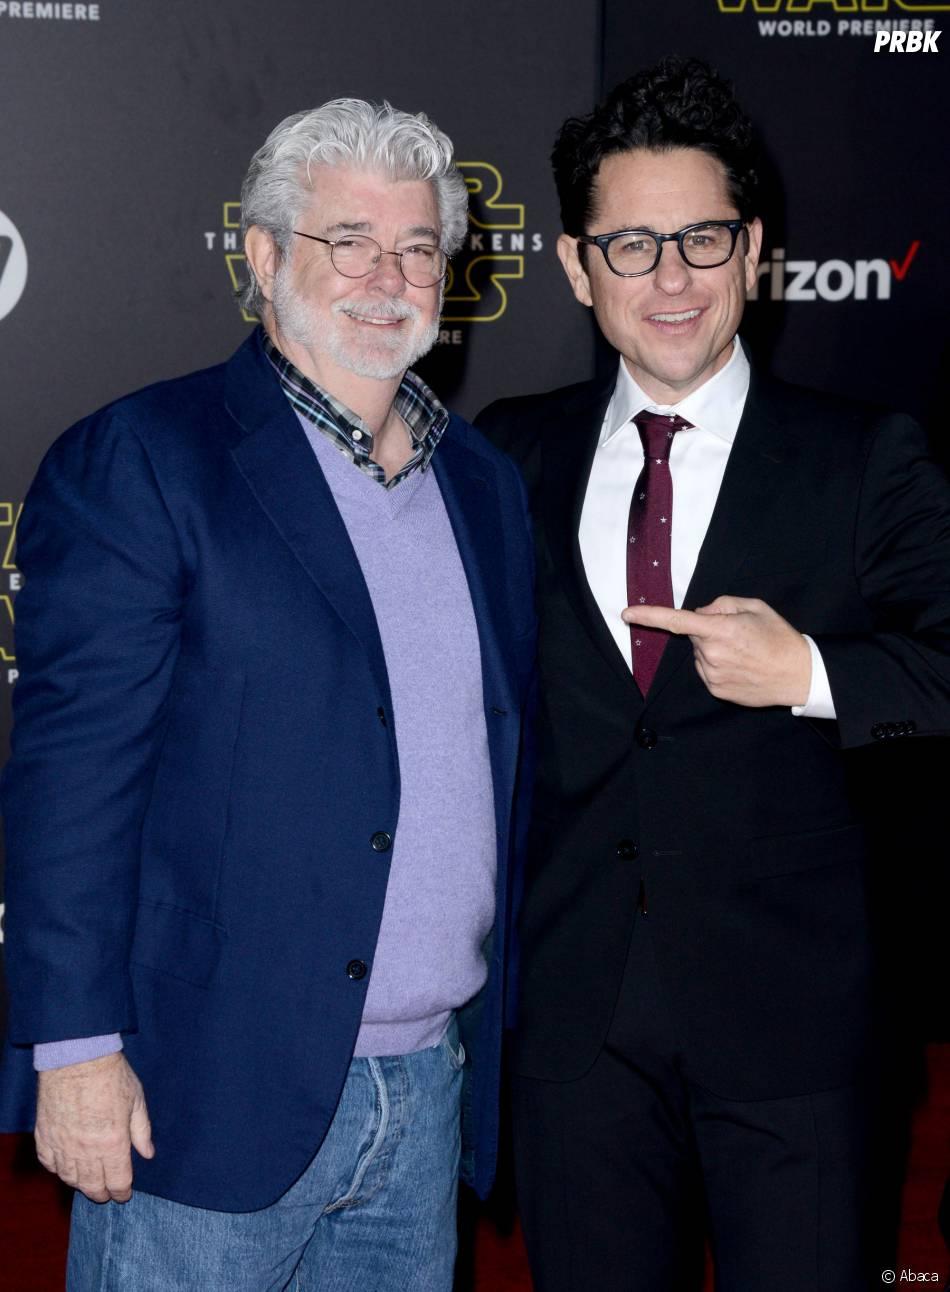 George Lucas et JJ Abrams à l'avant-première de Star Wars 7, le 14 décembre 2015 à Los Angeles